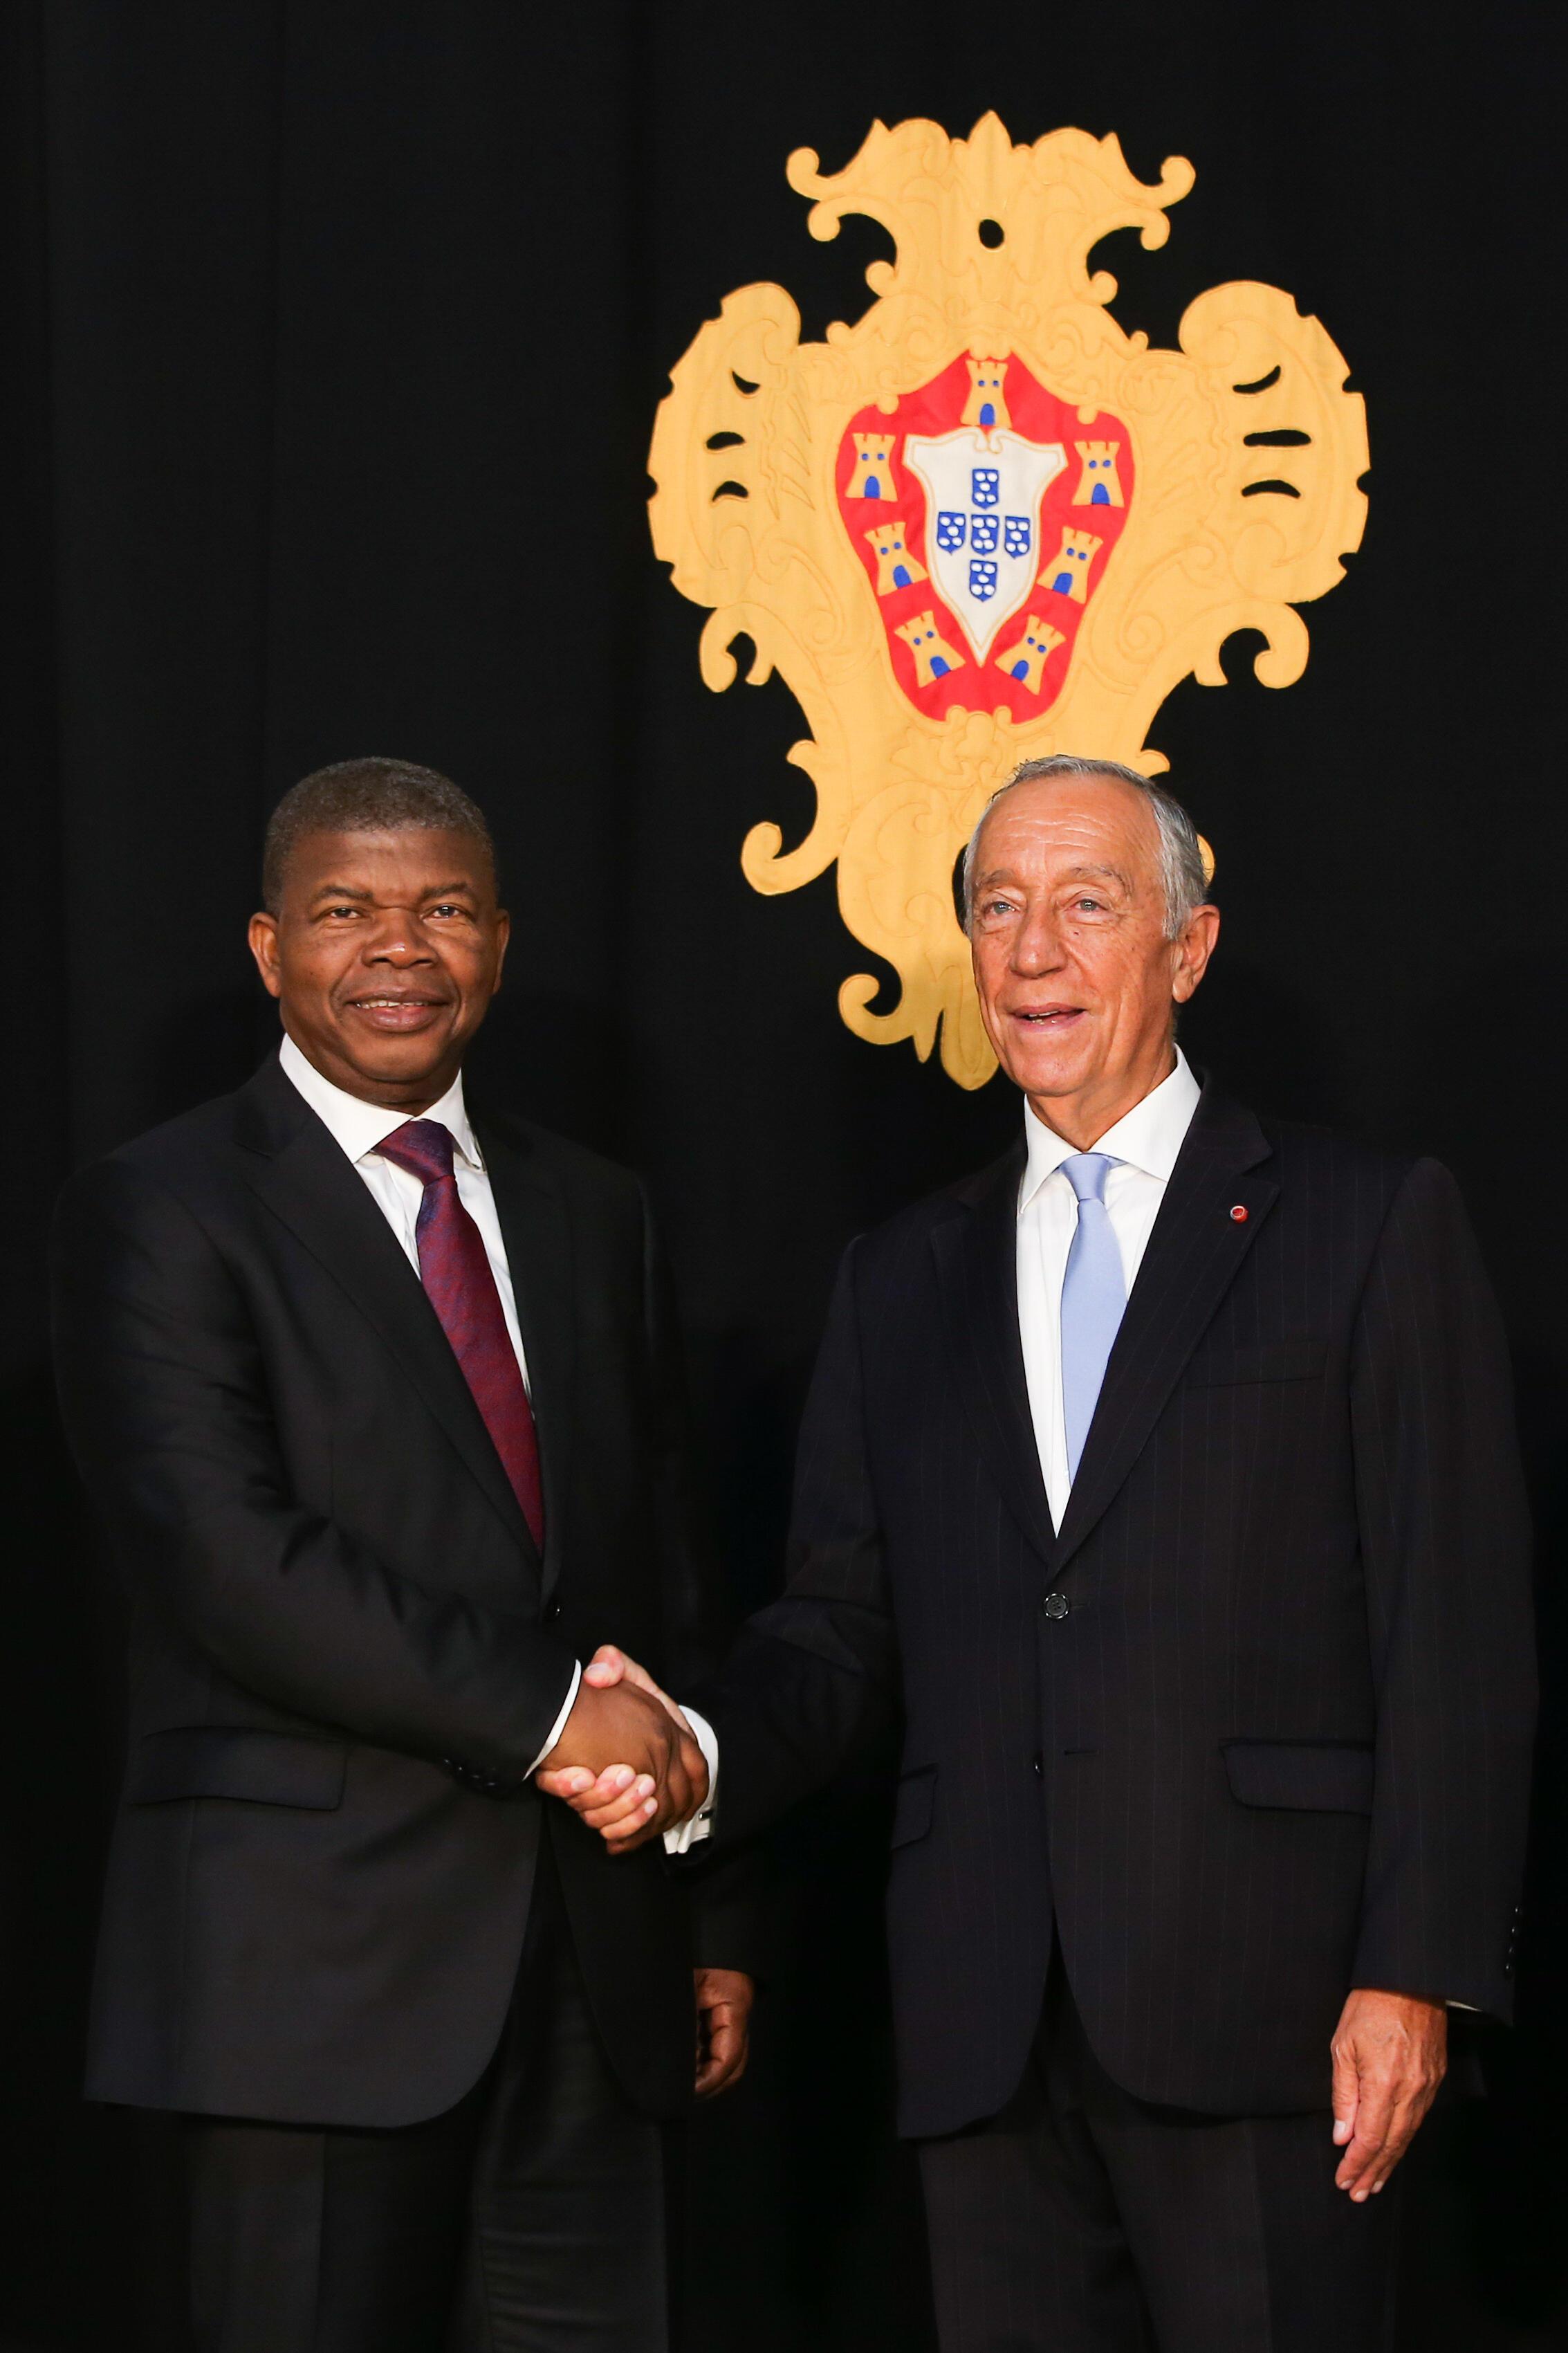 Presidente angolano, João Lourenço, recebido em Lisboa pelo seu homólogo português, Marcelo Rebelo de Sousa, a 22 de Novembro de 2018.